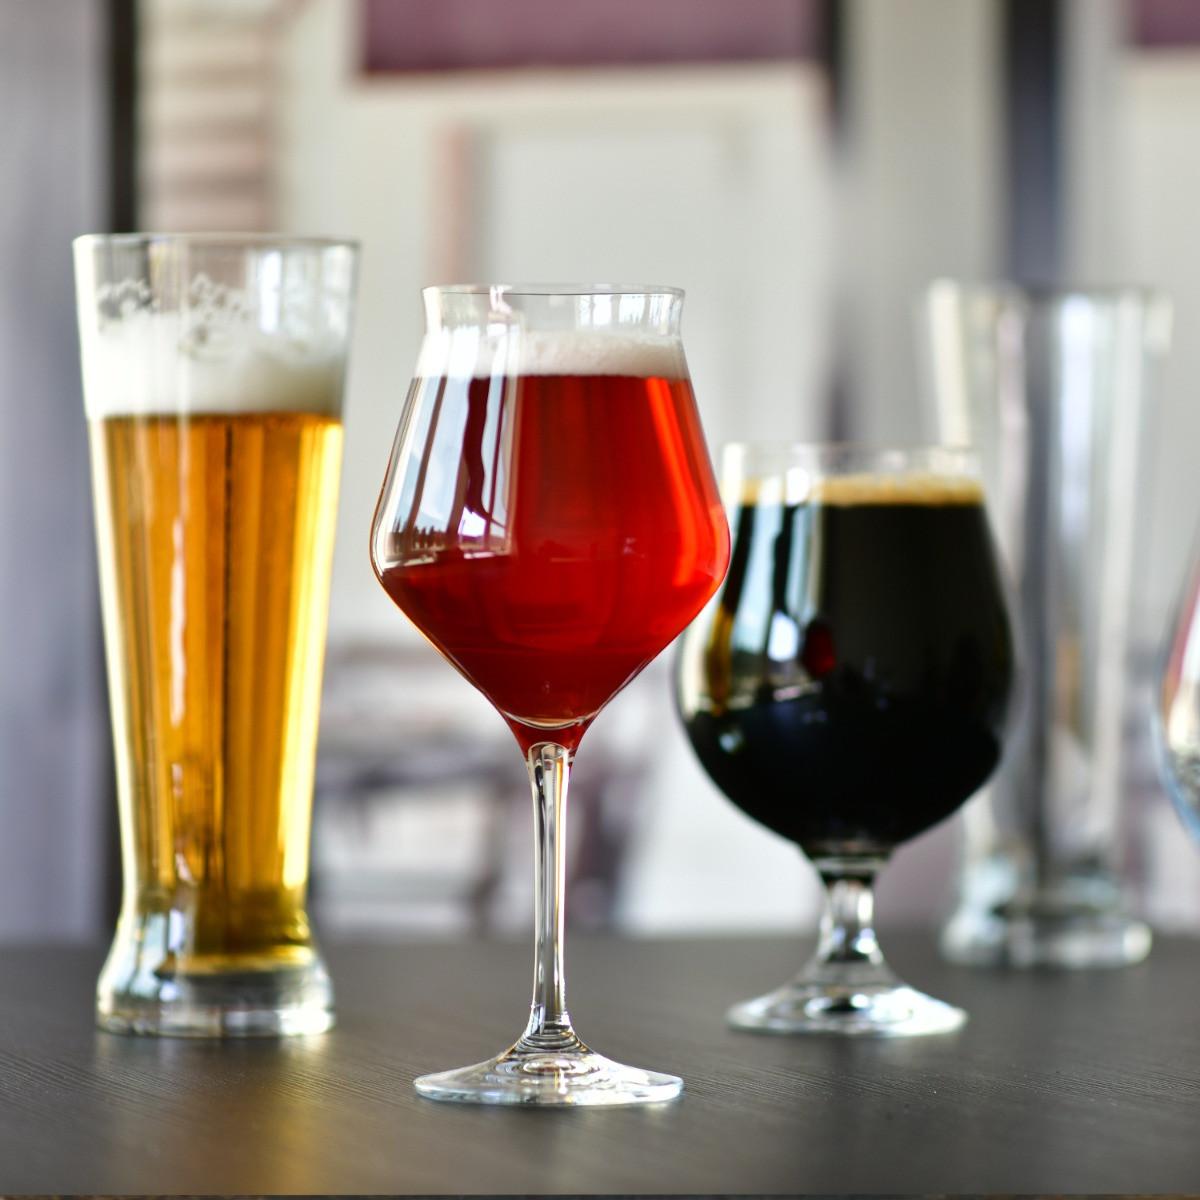 Komplet konesera piwa Brewery KROSNO - pomysł na prezent na Dzień Ojca dla taty